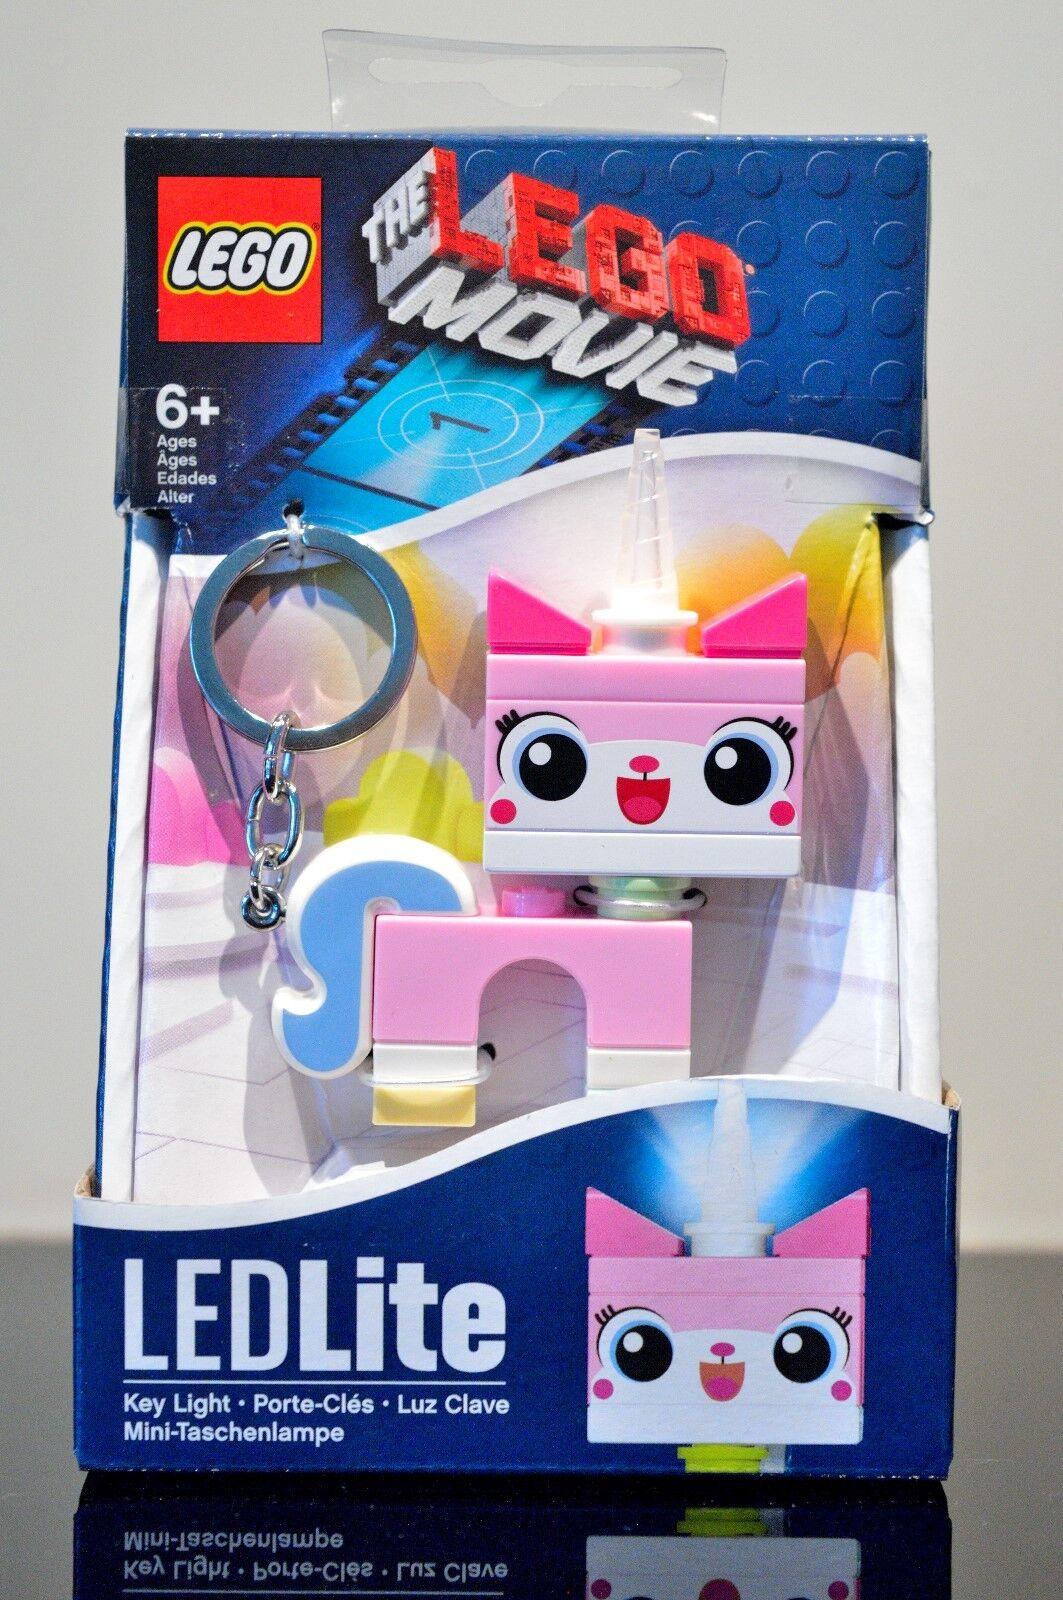 LEGO Unikitty Uni Kitty Einhorn Katze LED Lampe Schlüsselanhänger NEU OVP rar